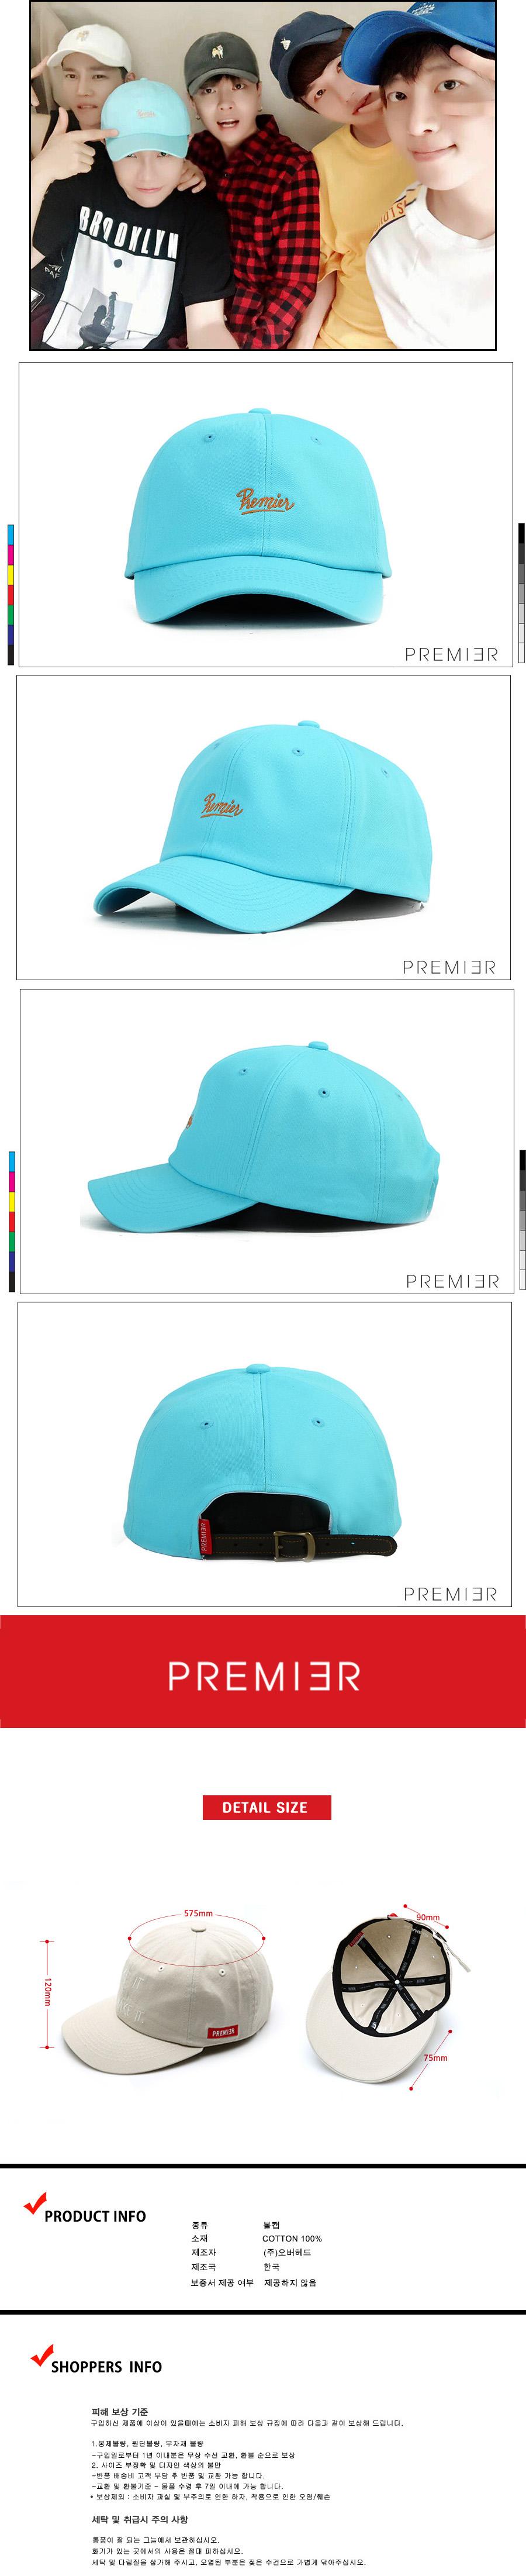 [ PREMIER ] [Premier] Ball Cap Premier Underline Sky Blue (P904)